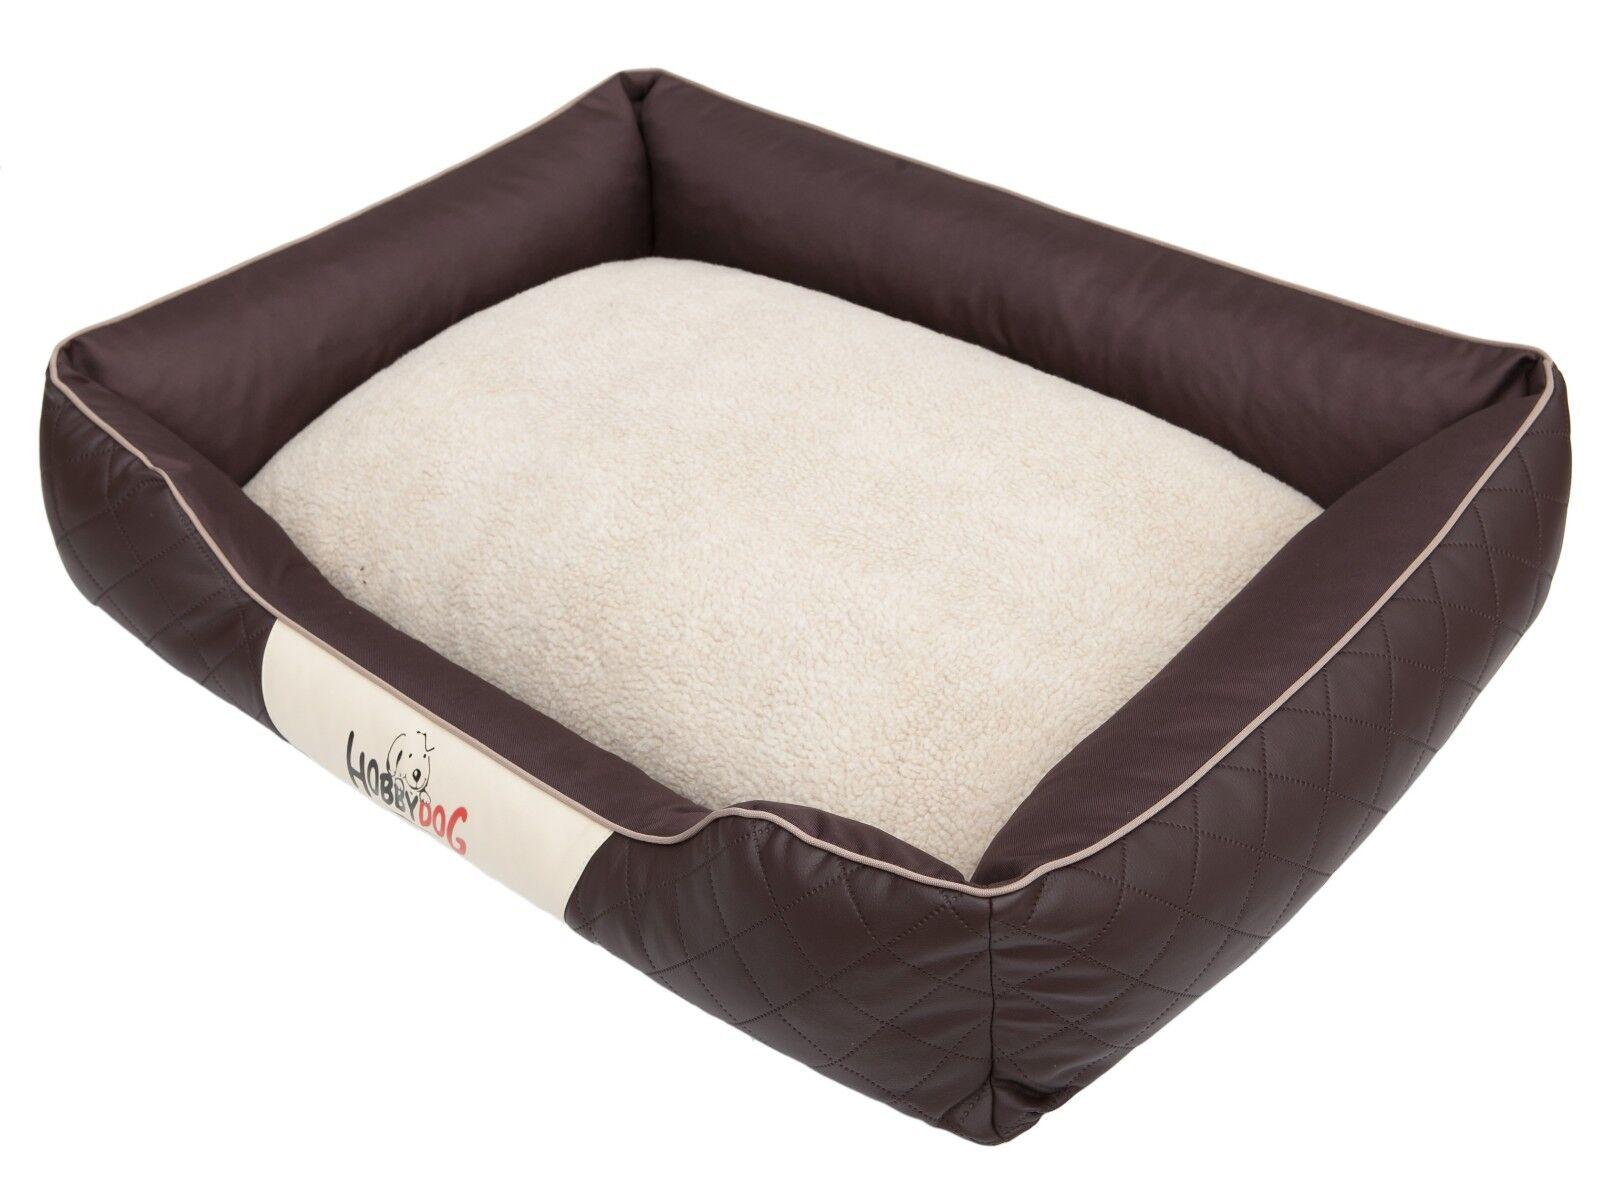 Hobbydog Cesar Exclusive Cani Tappetino dormire cani cuscino letto per cani r2 Marronee